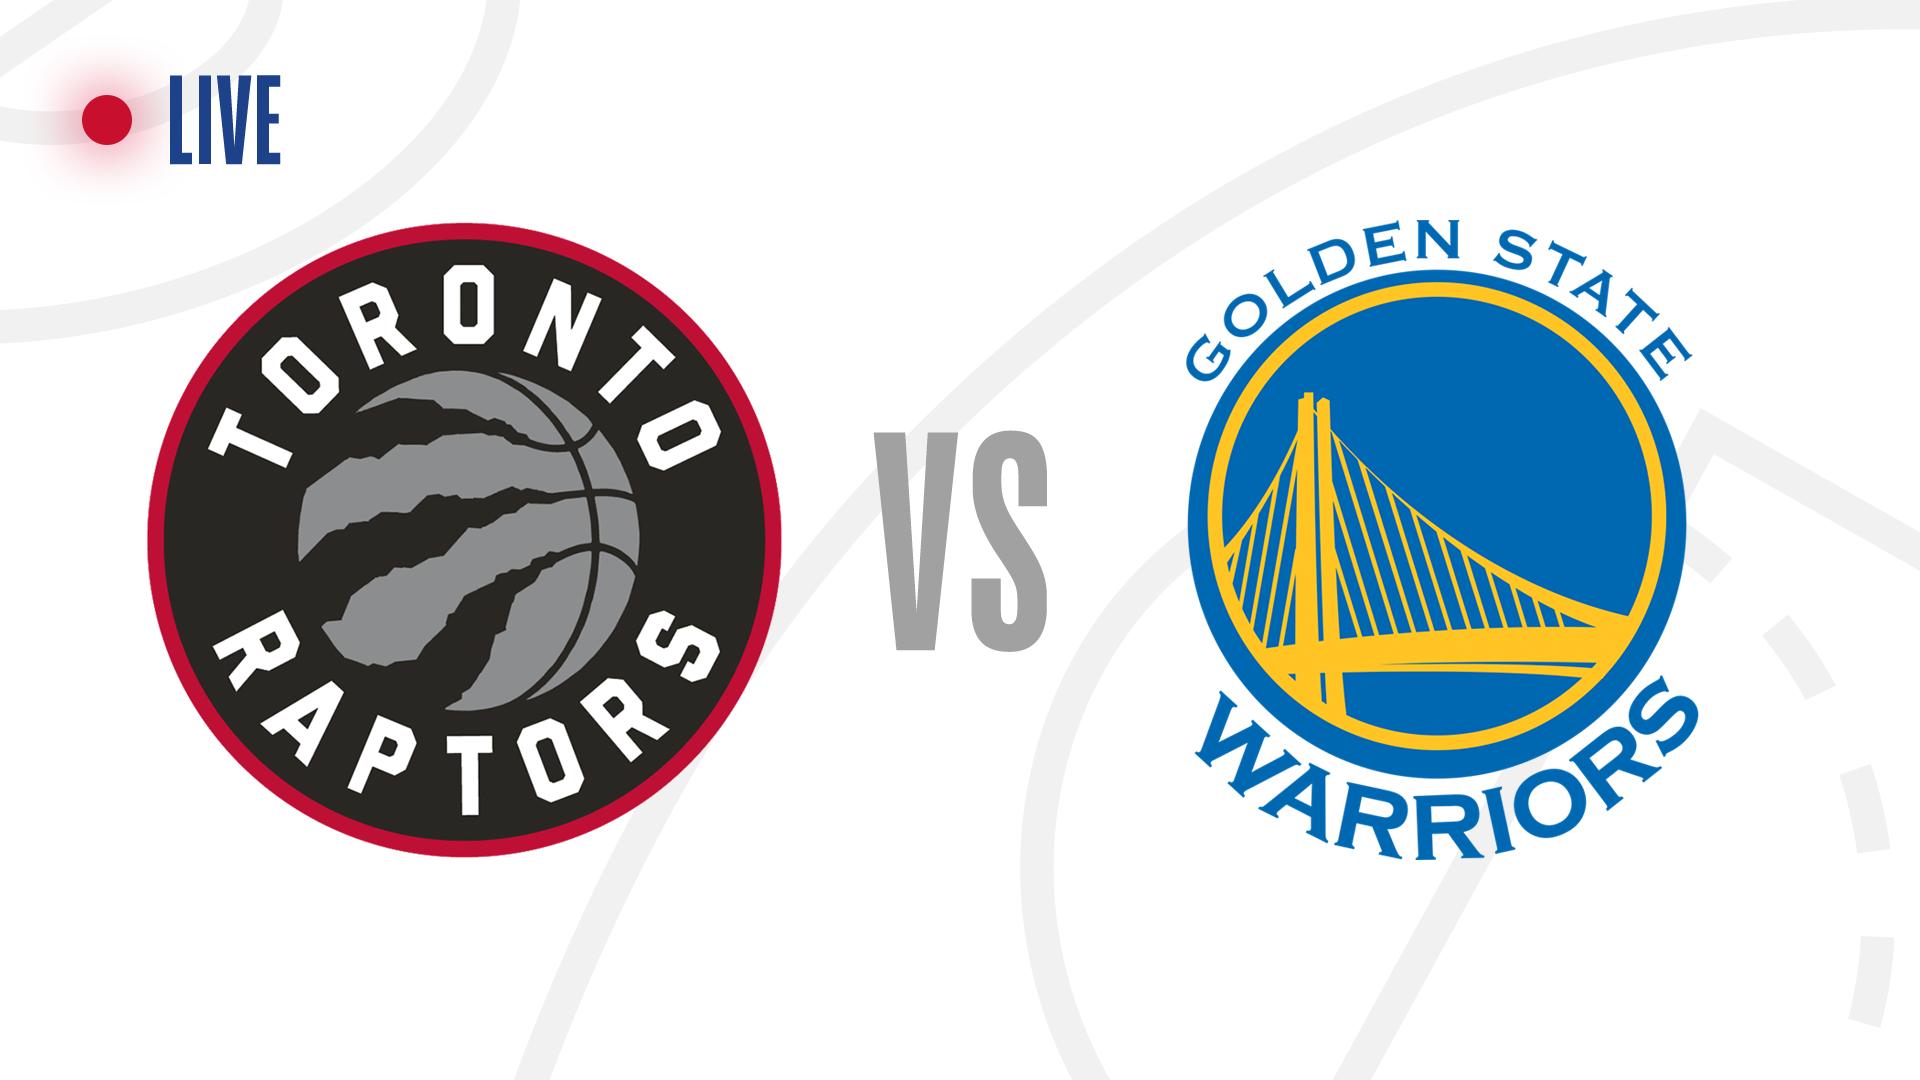 Toronto Raptors Vs Golden State Warriors Live Updates